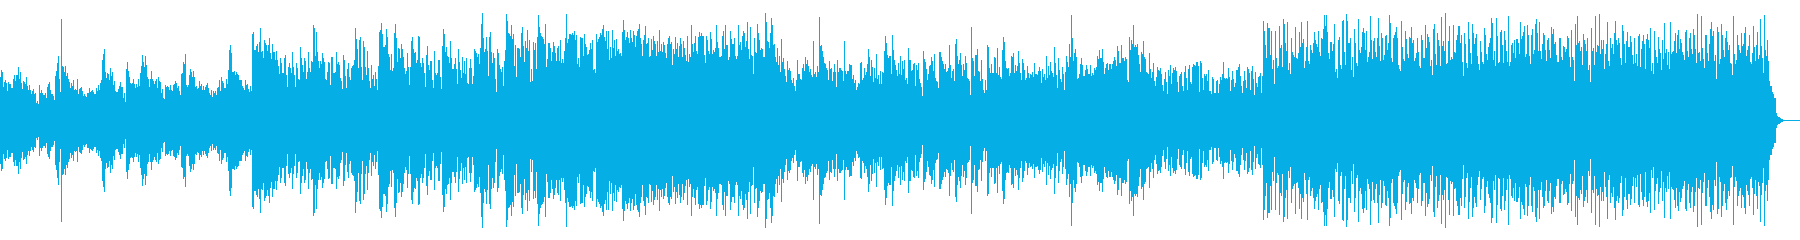 ミディアムダークなアンビエントメタルの再生済みの波形